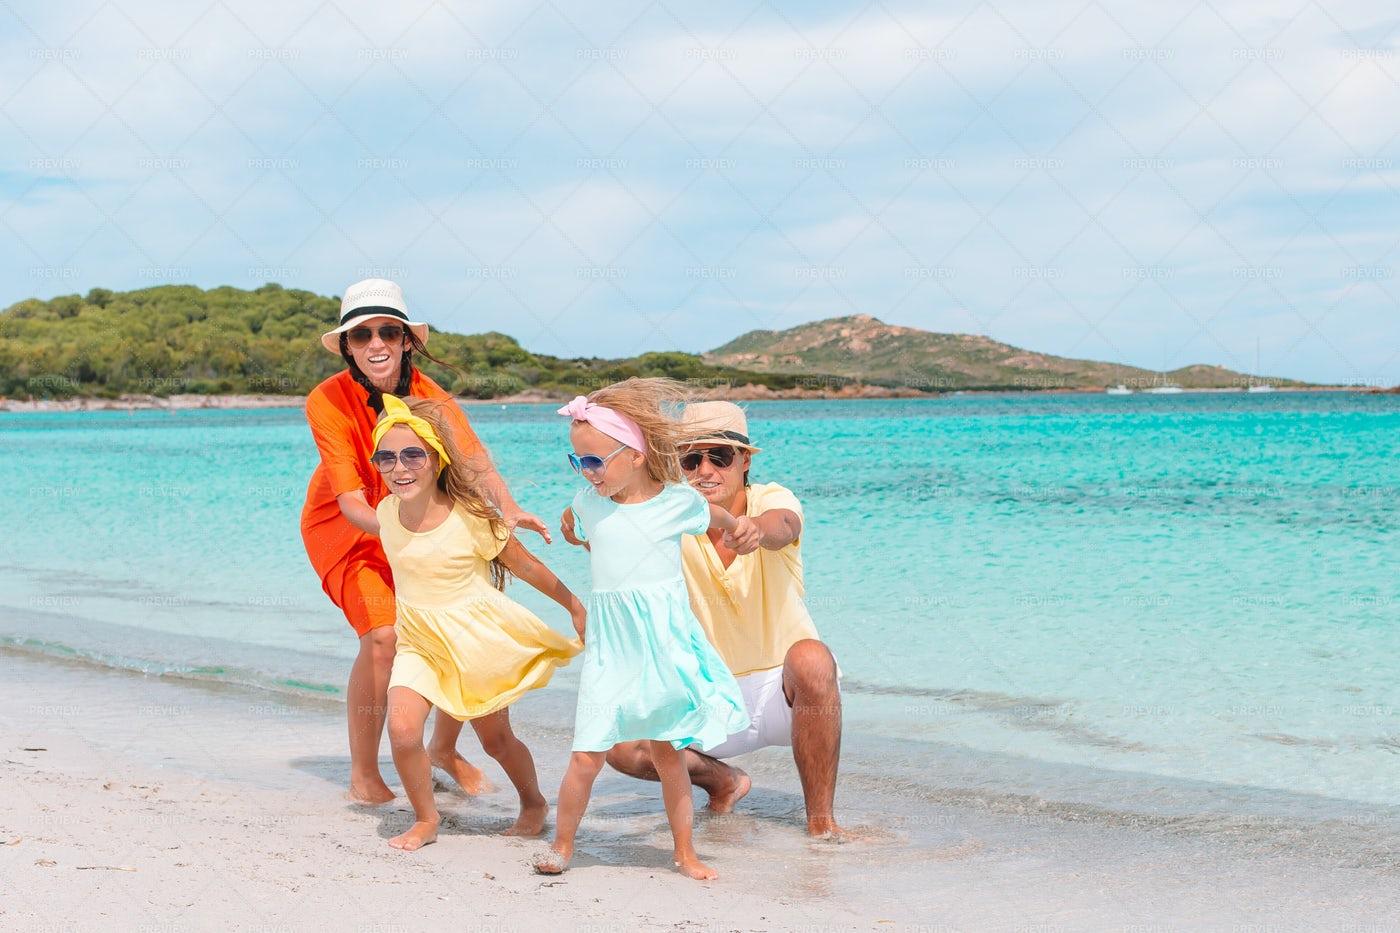 Running Away From Parents: Stock Photos